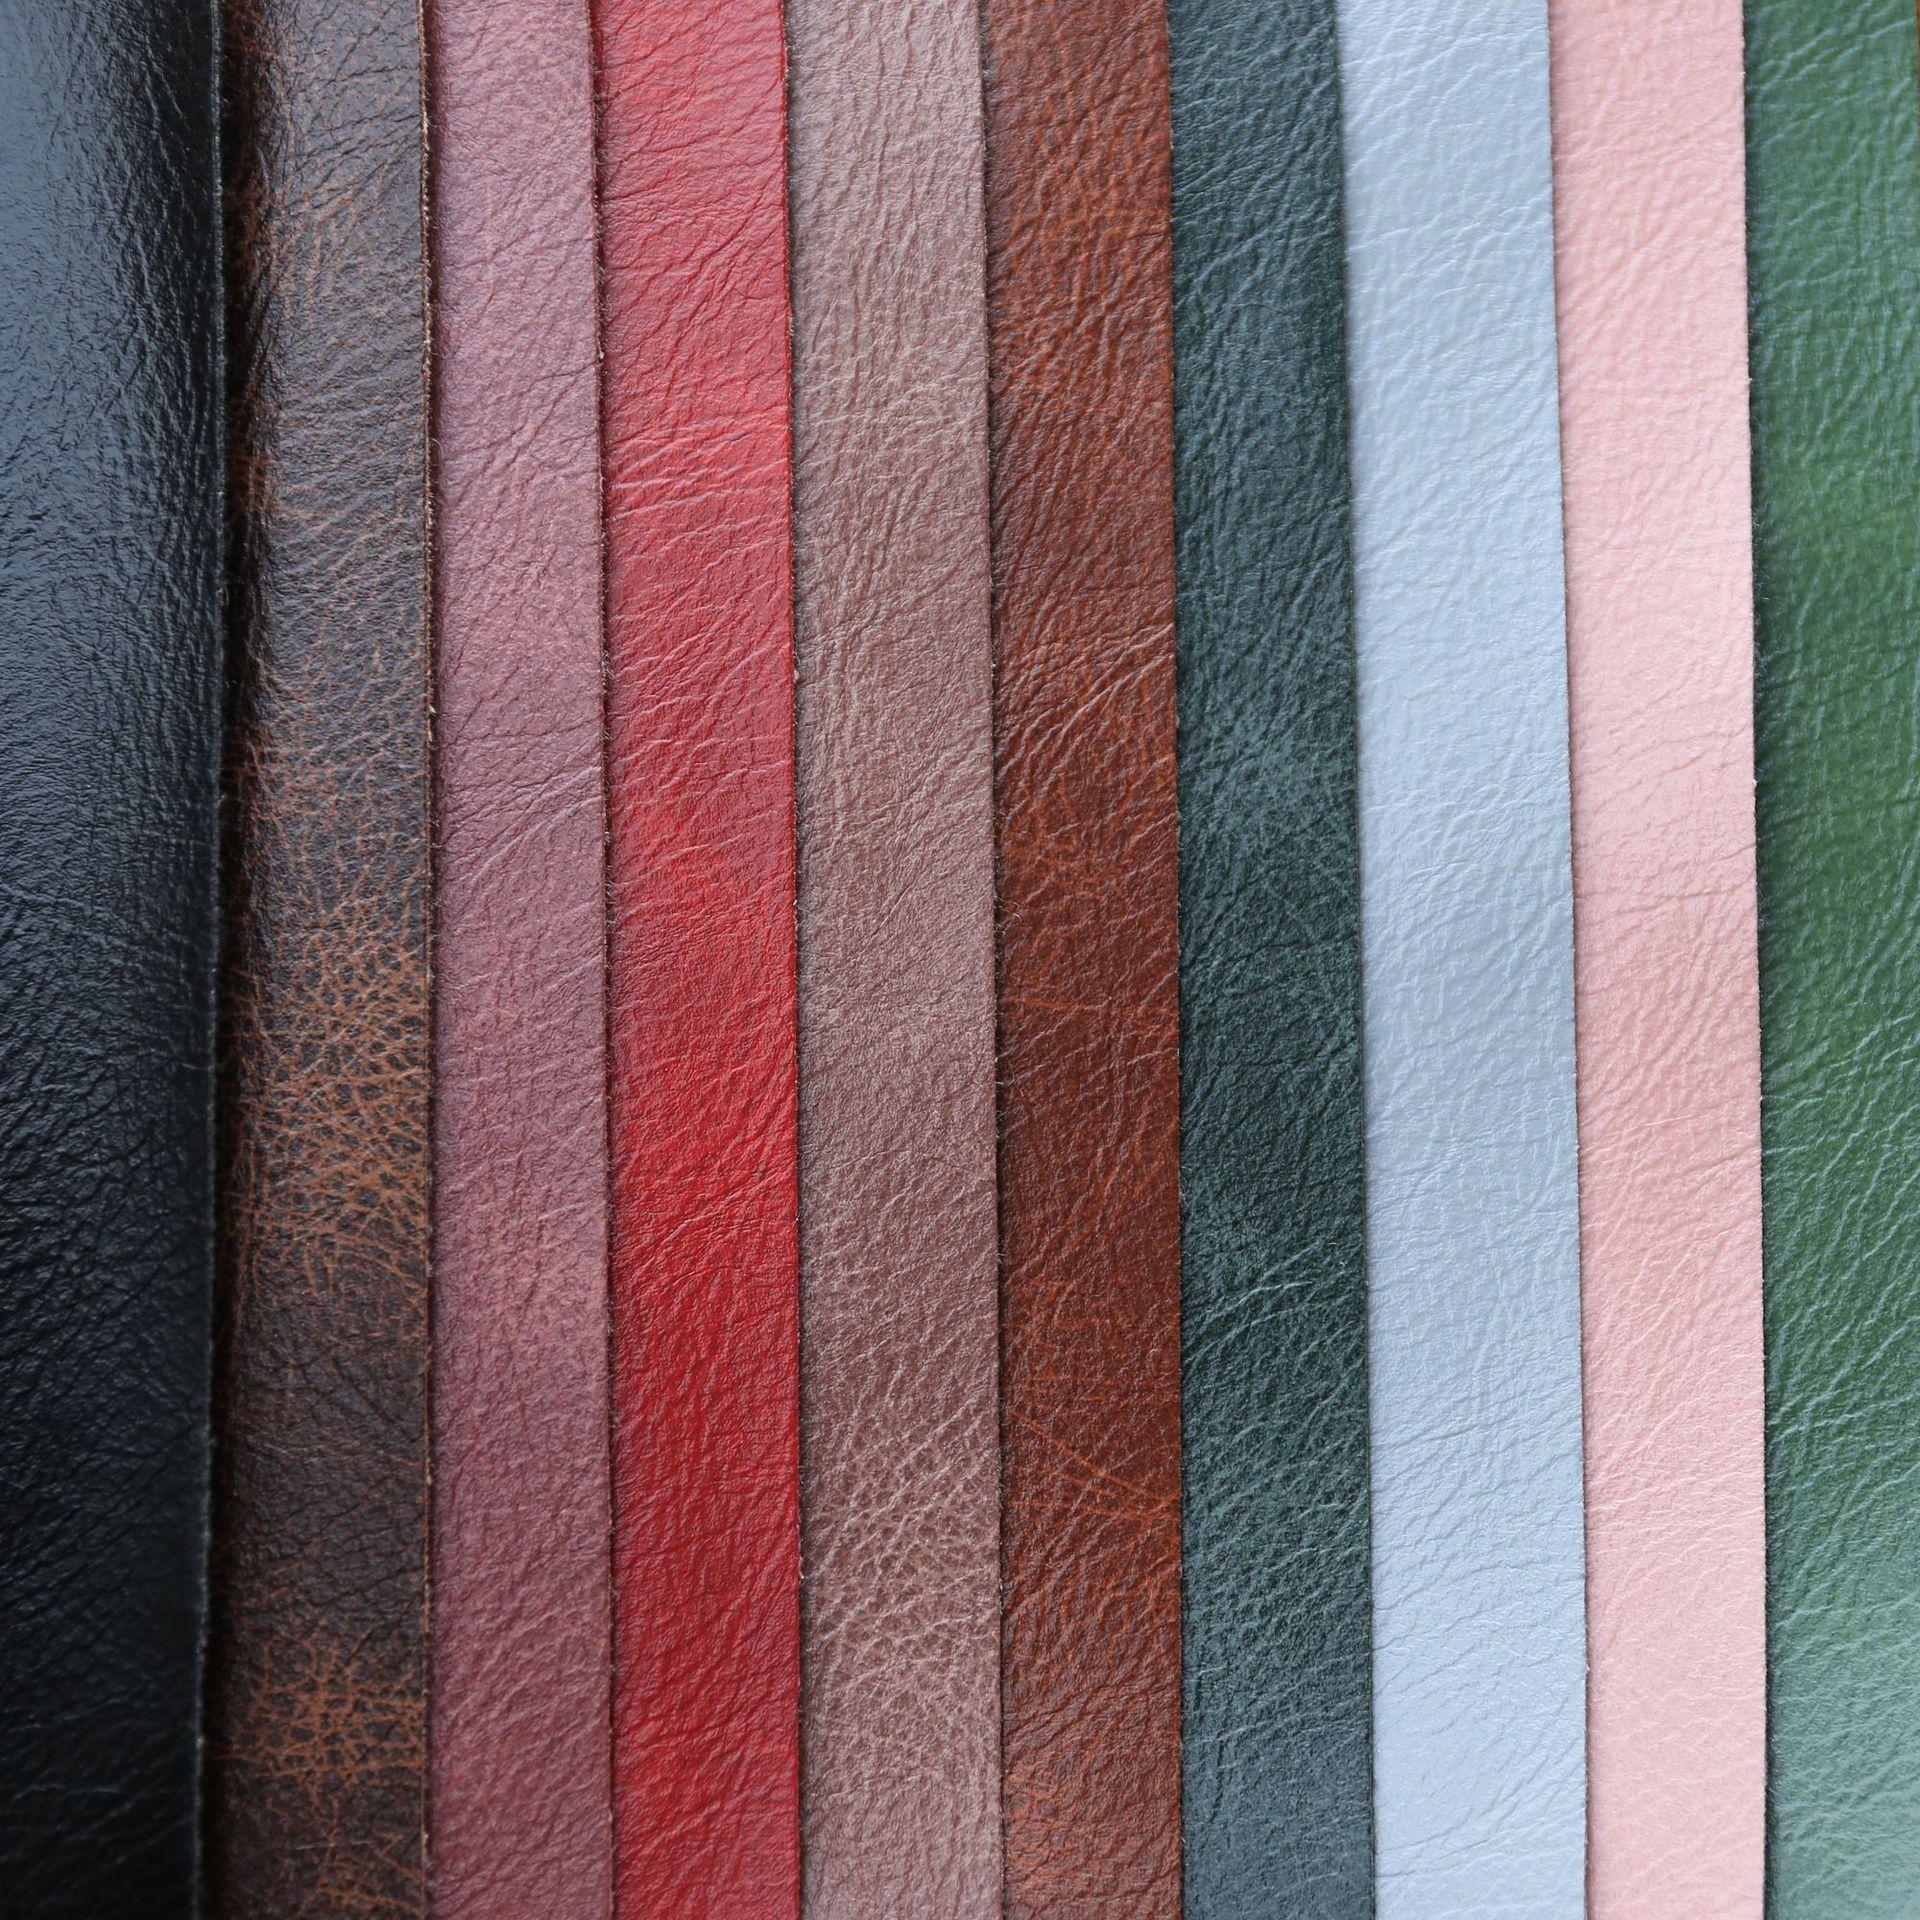 ALD Vật liệu da Tại chỗ bán buôn vải PVC da retro hai màu sofa da nhân tạo chất liệu hành lý vỡ nứt